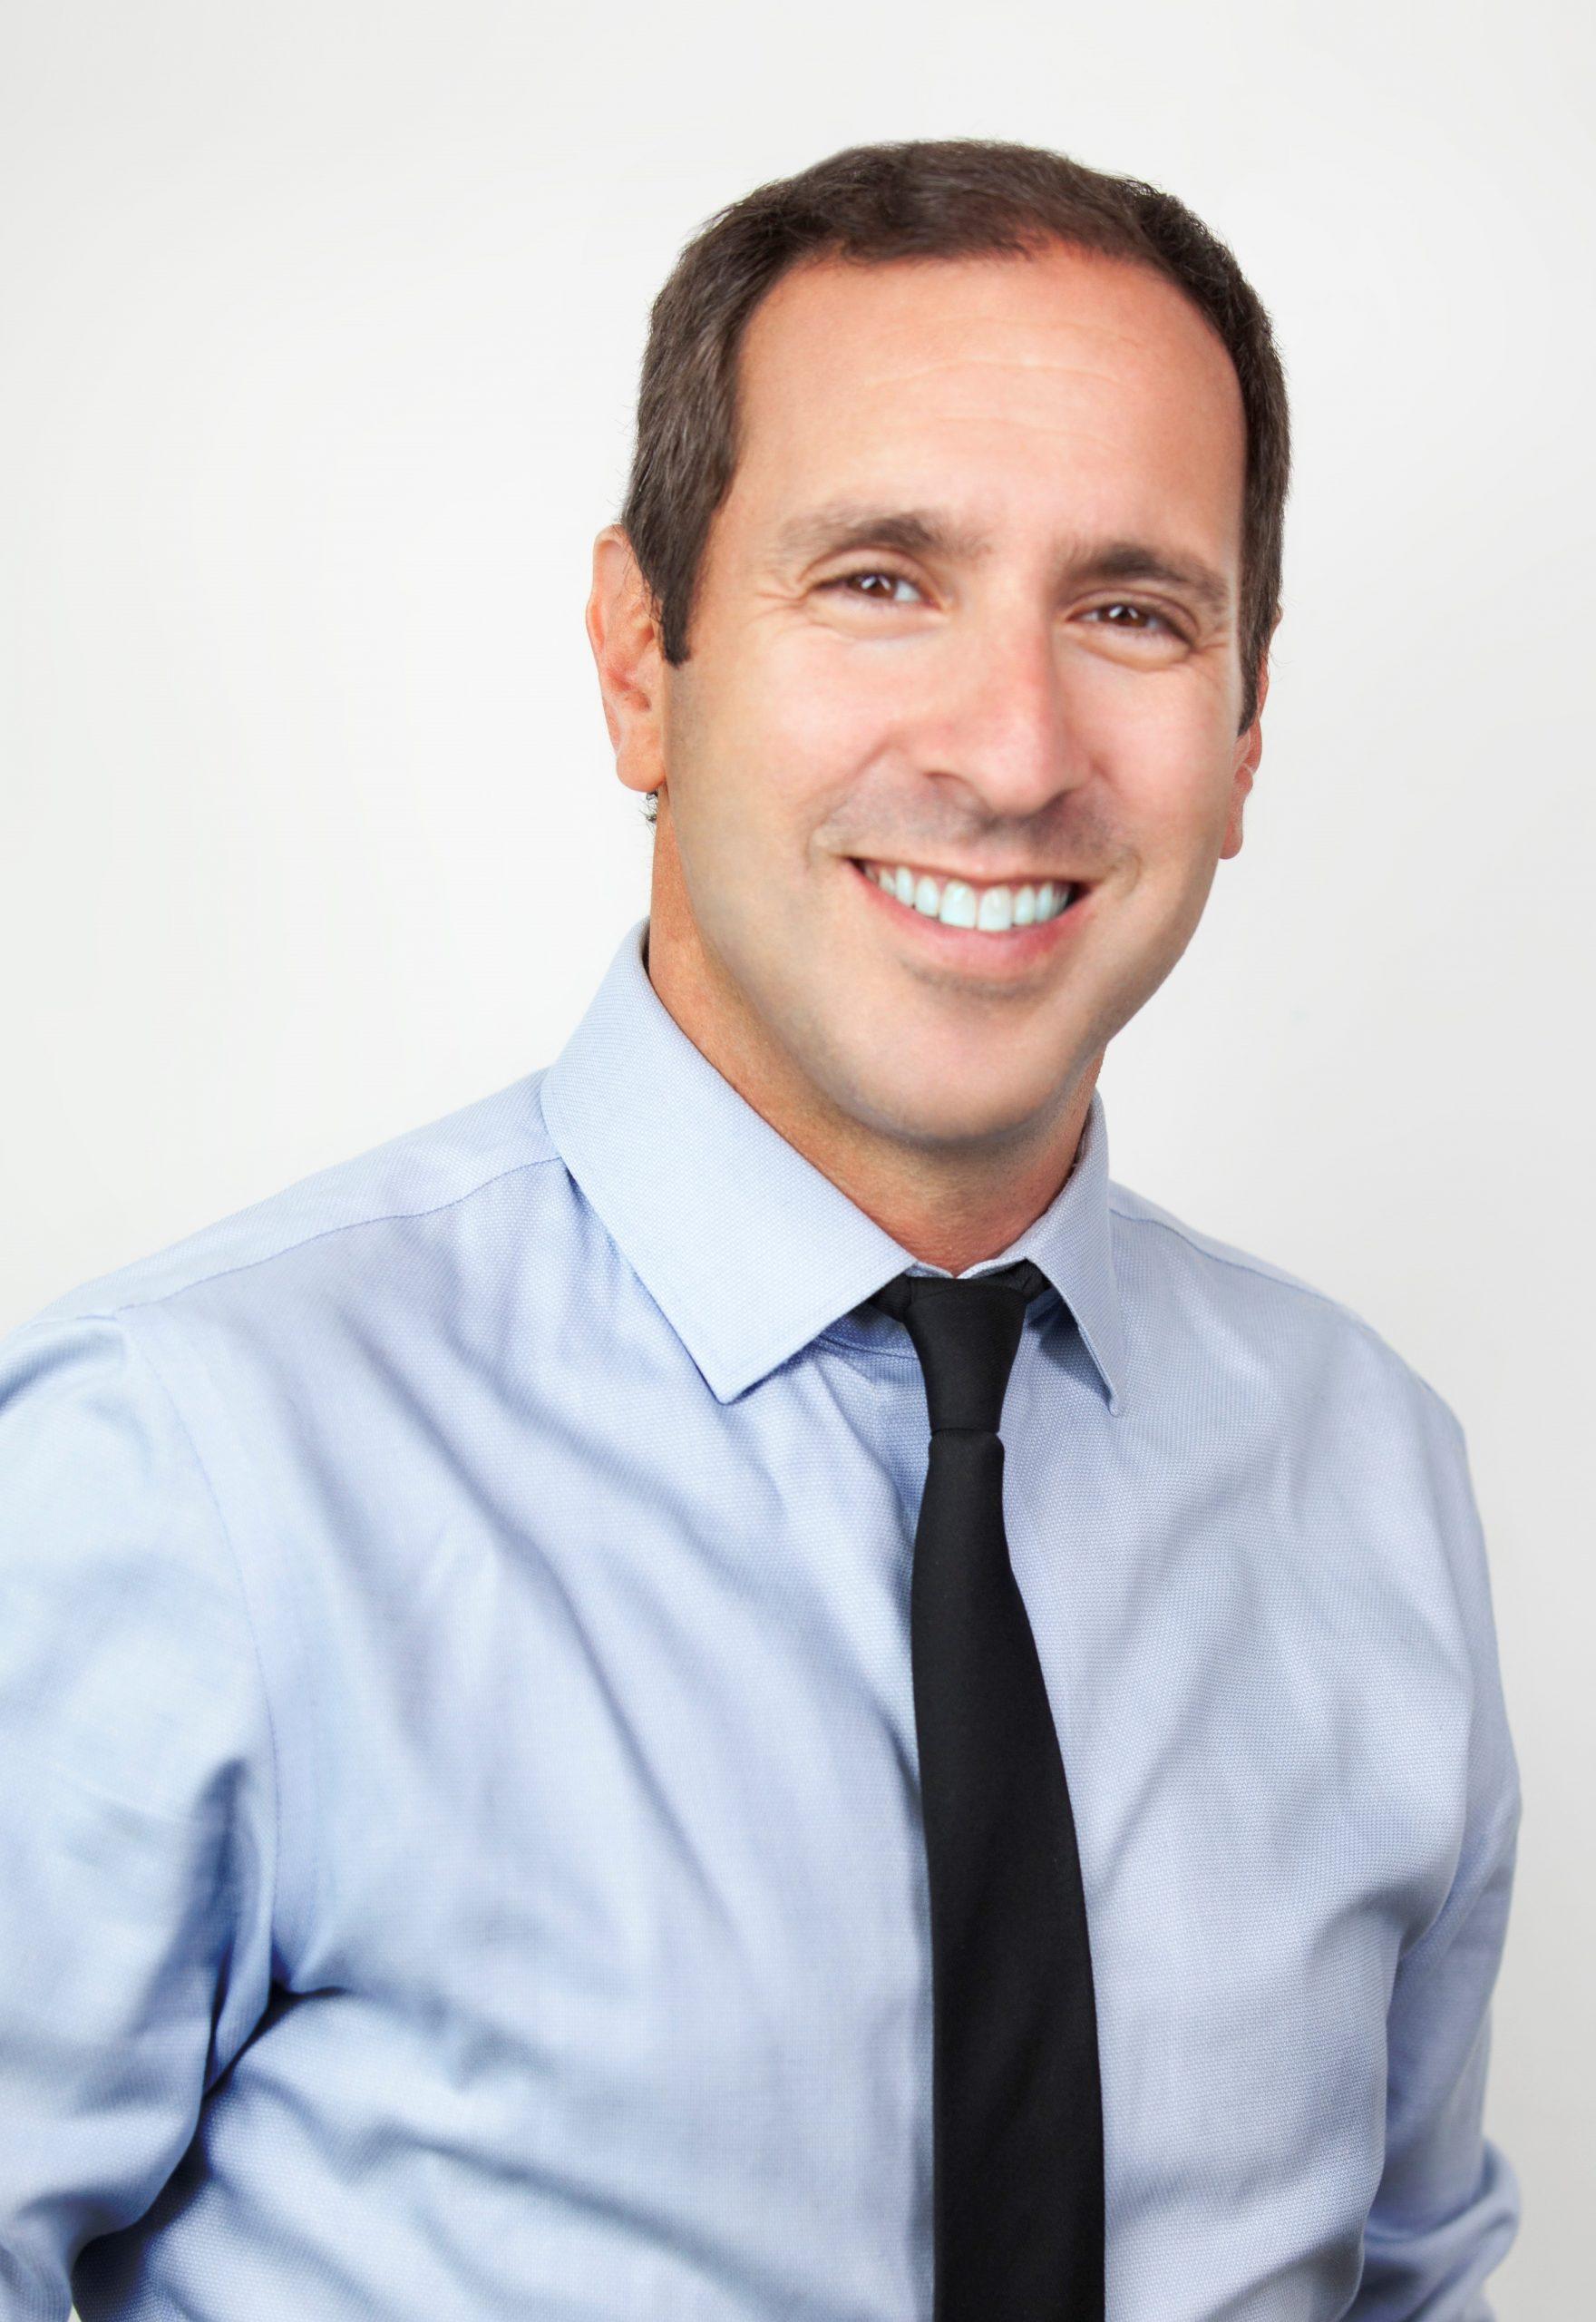 Josh Matlow